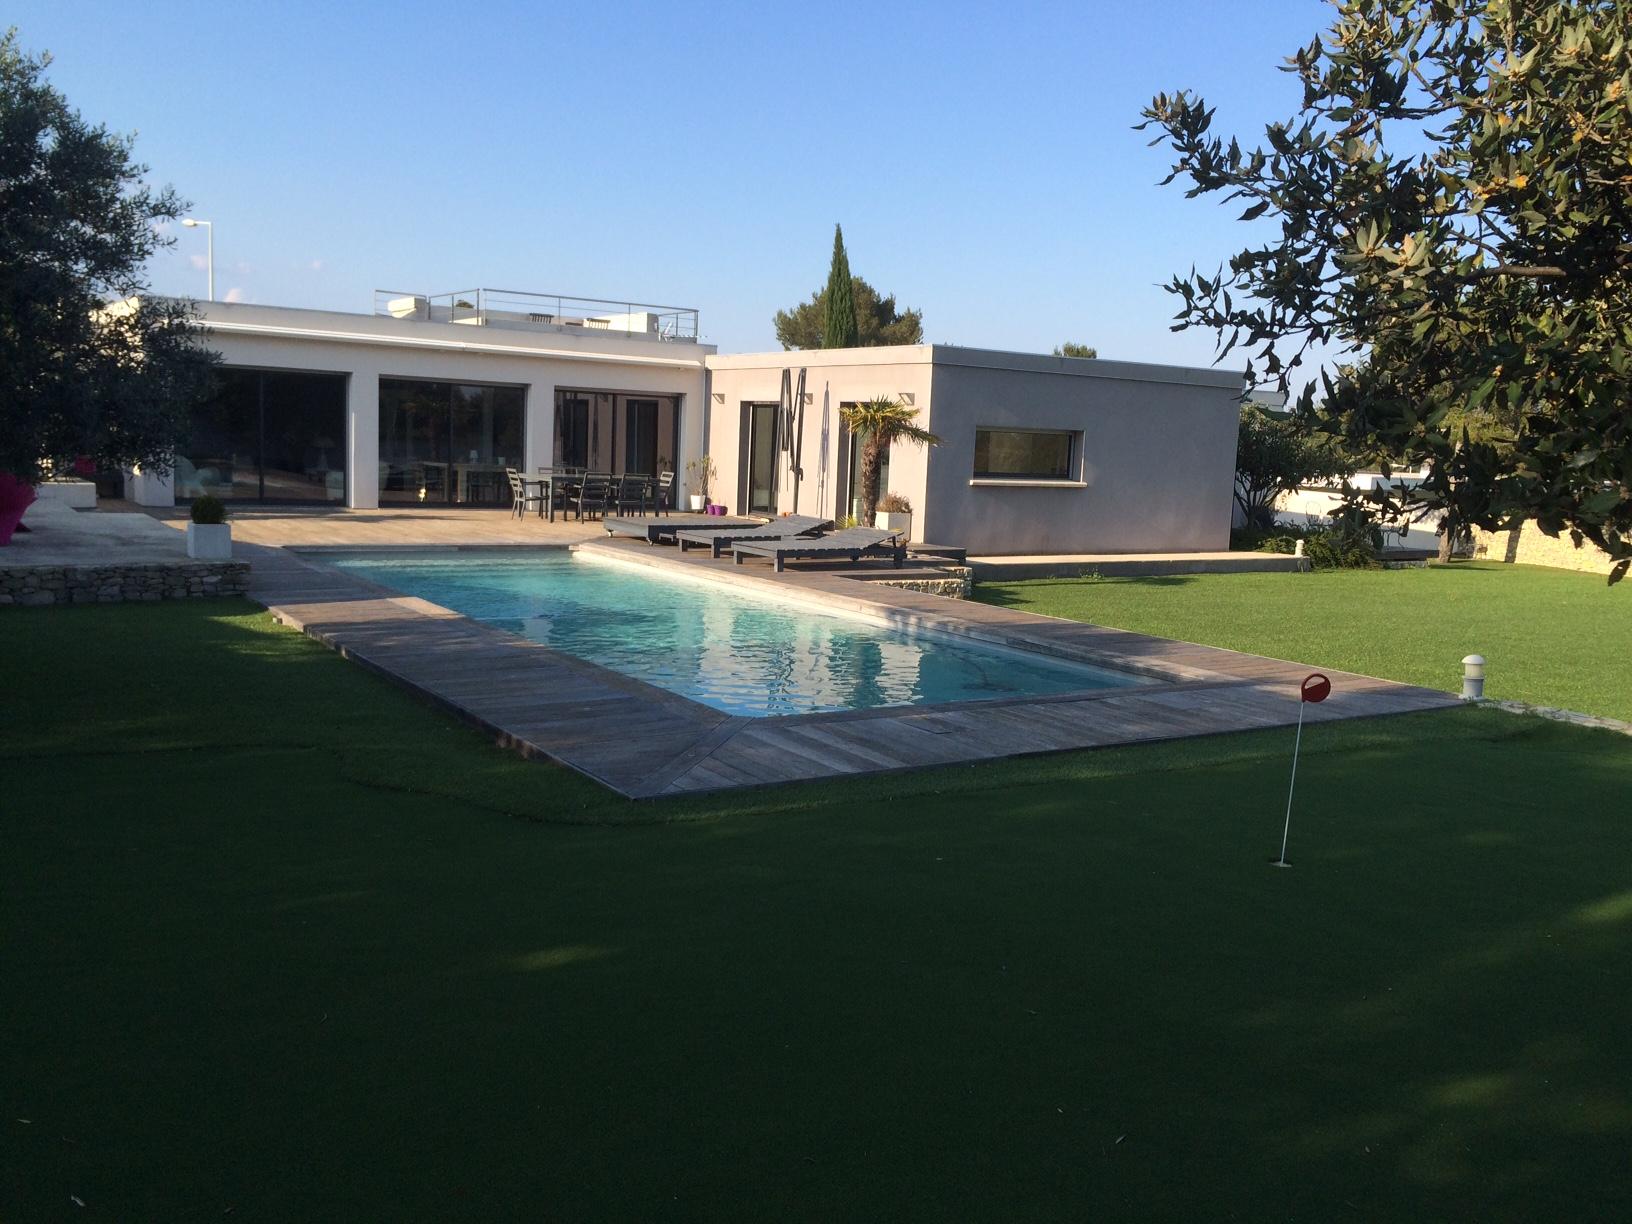 Vente maison villa contemporaine n mes car meau for Maison moderne nimes